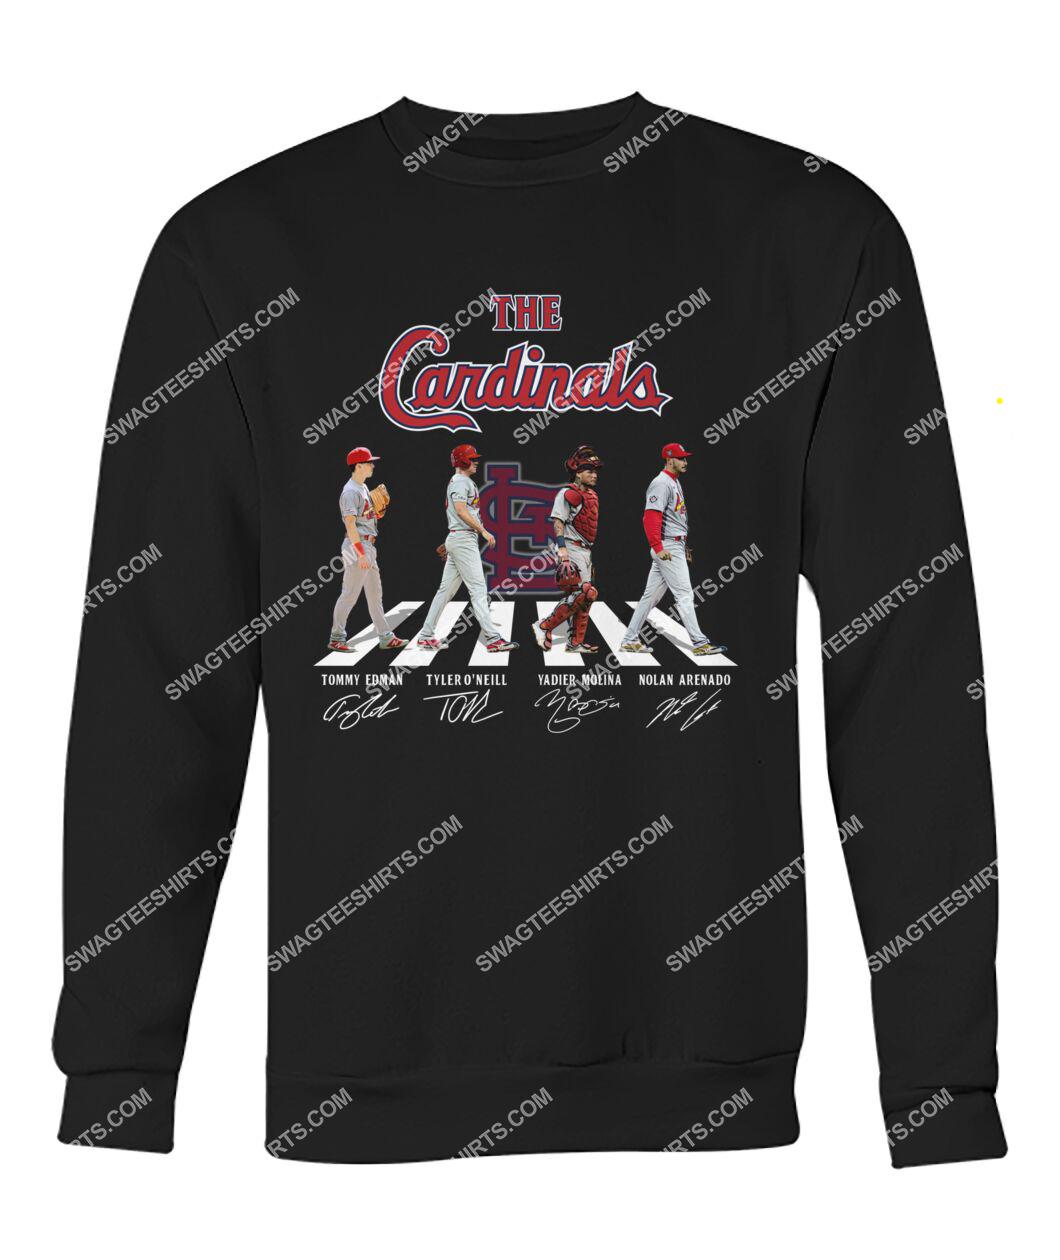 the st louis cardinals walking abbey road sweatshirt 1